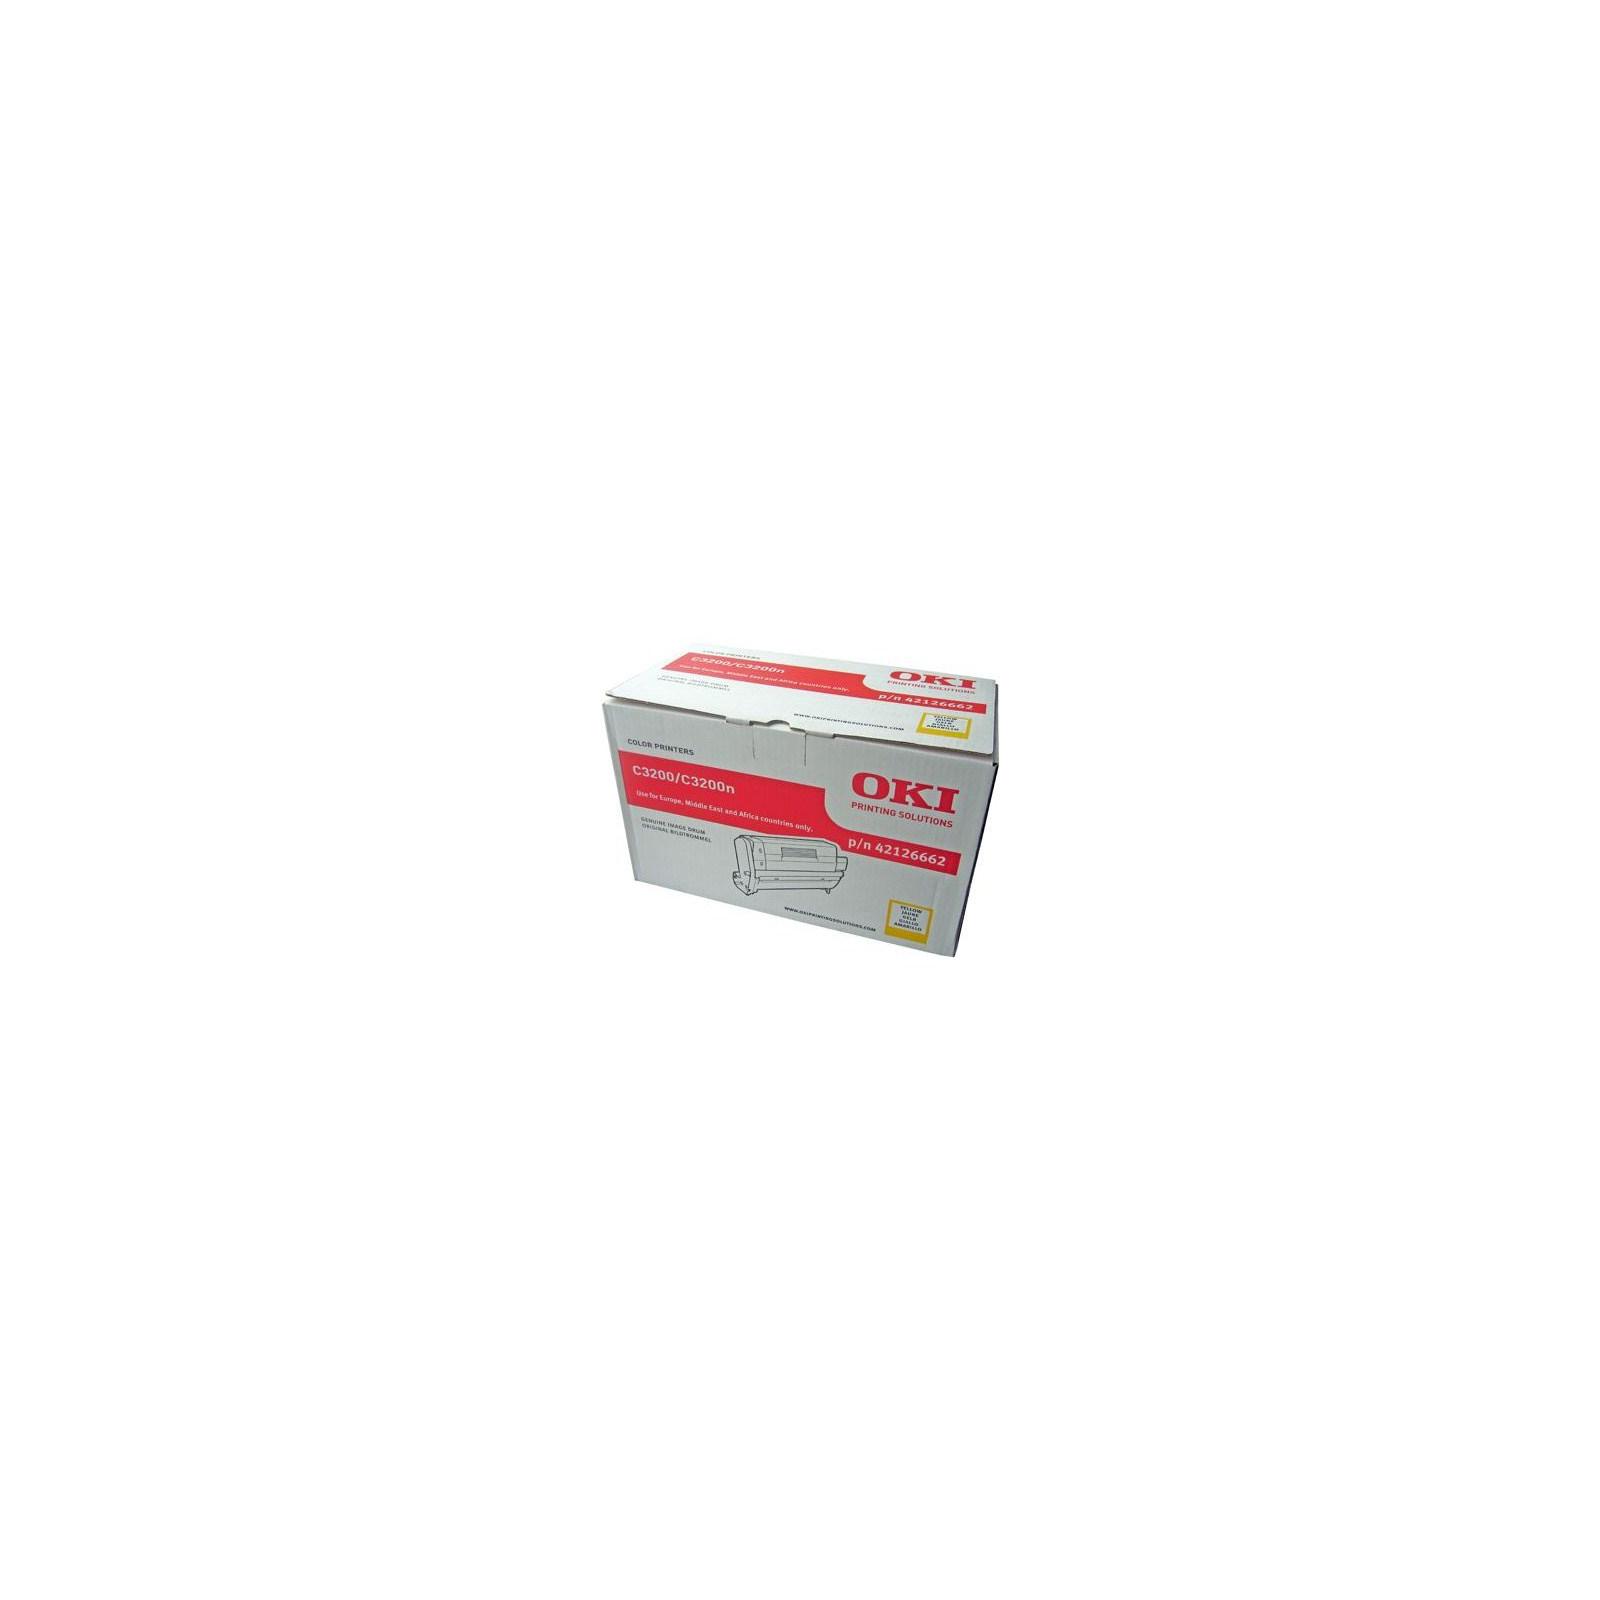 Фотокондуктор OKI C3200/3200N Yellow (42126662)